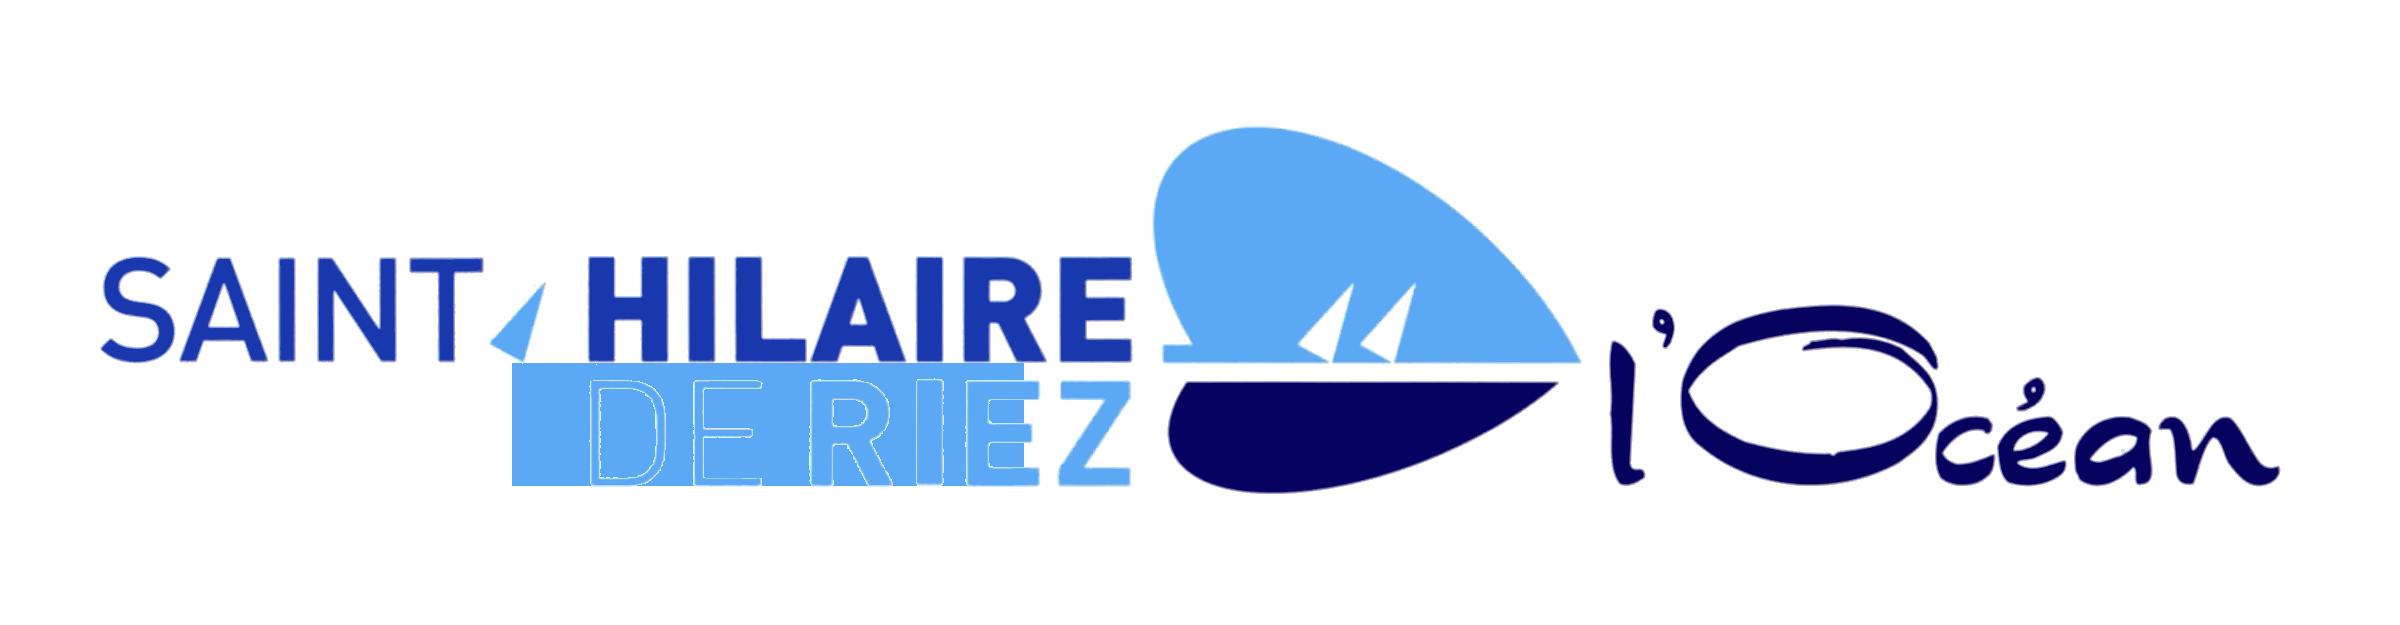 Commune de Saint-Hilaire-de-Riez